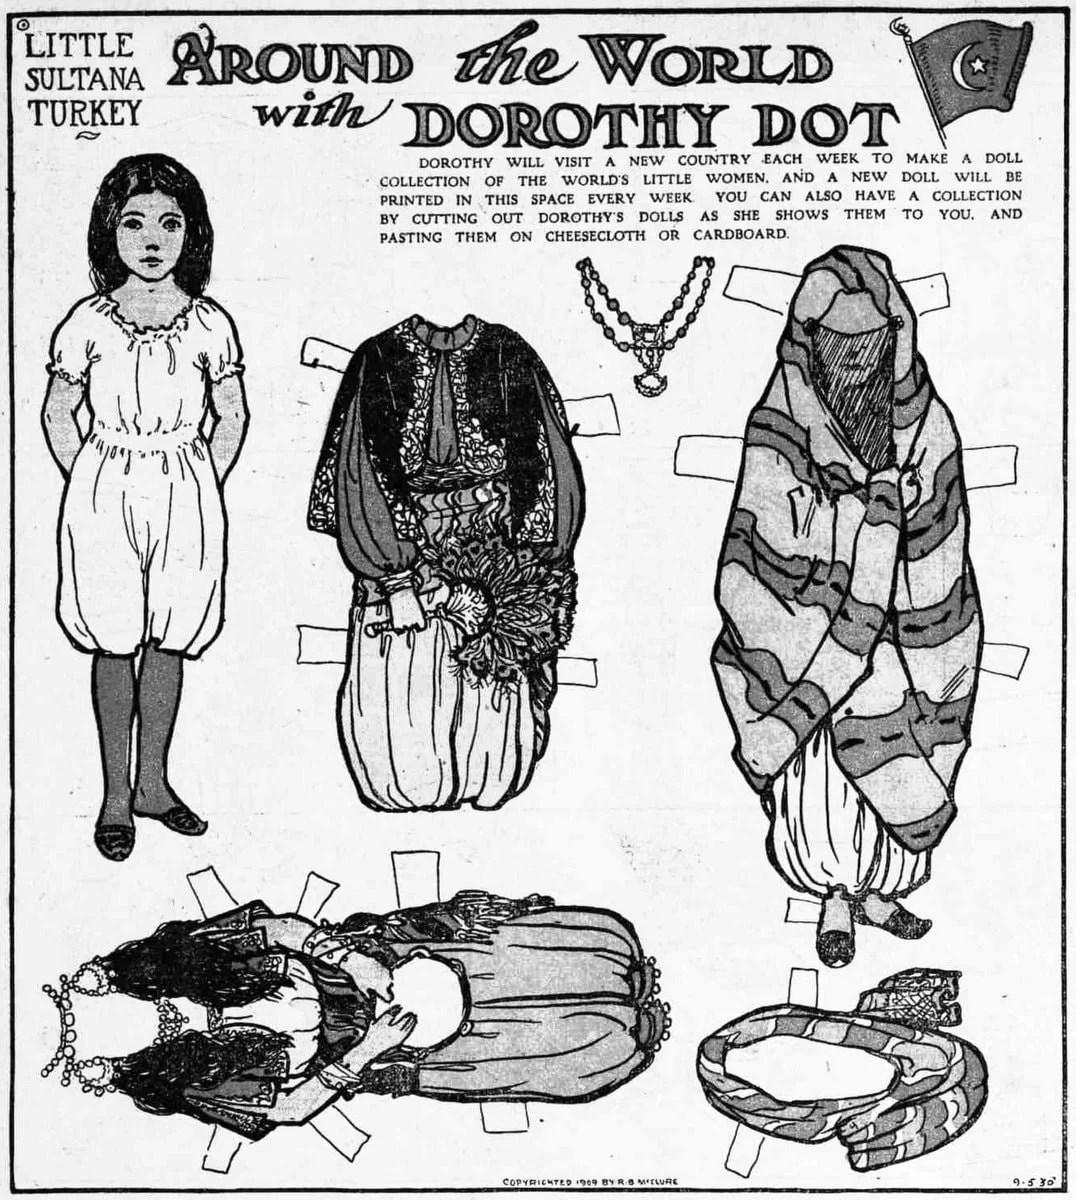 dorothy dot paper doll little sultana of turkey 1909 click 1980s Baby Dolls dorothy dot paper doll little sultana of turkey 1909 click americana